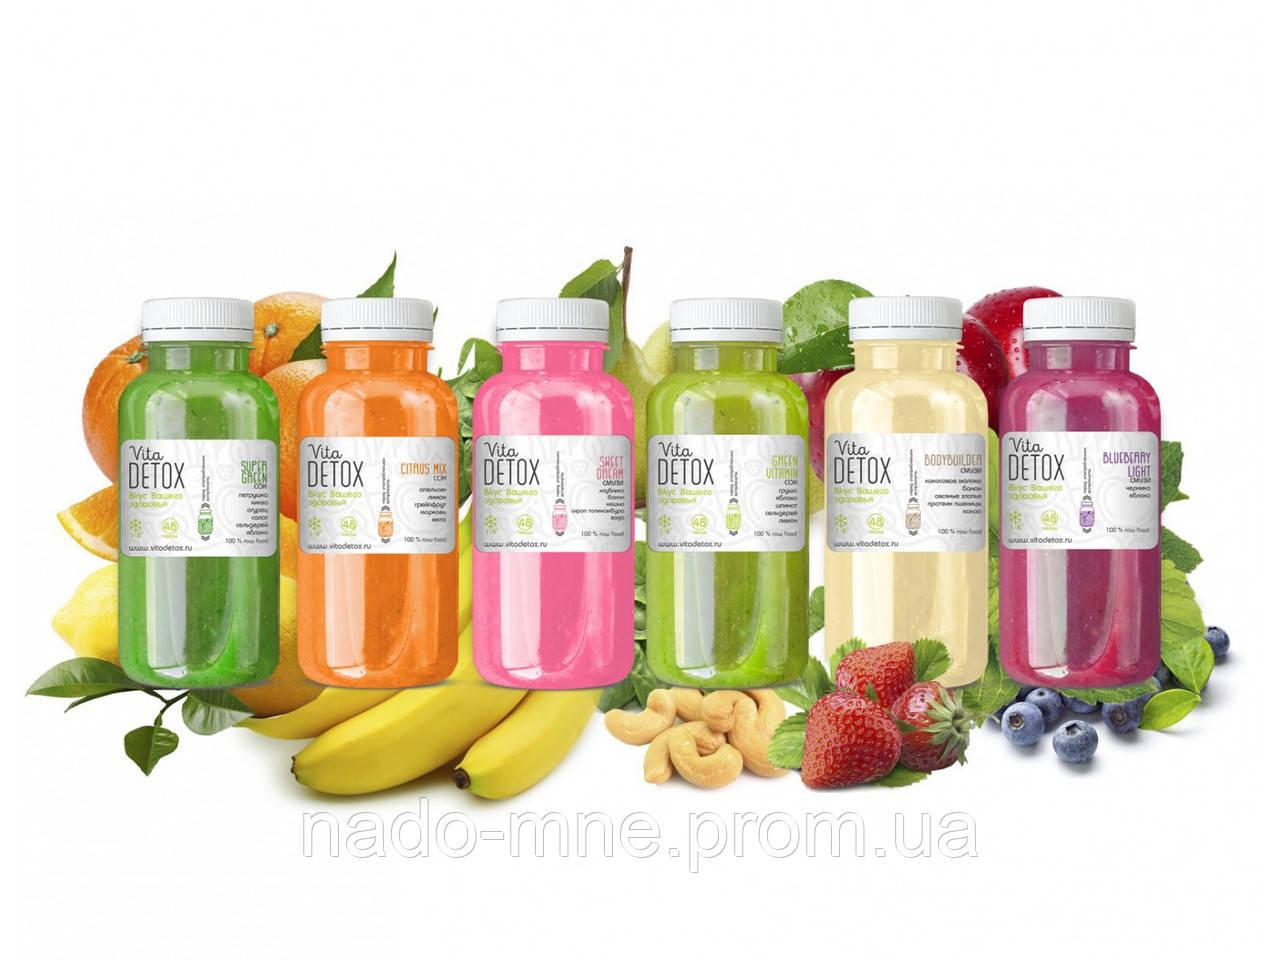 Бутылка пластиковая 250 мл - 0,25 л. с широким горлом Оптовые цены в розницу! белый